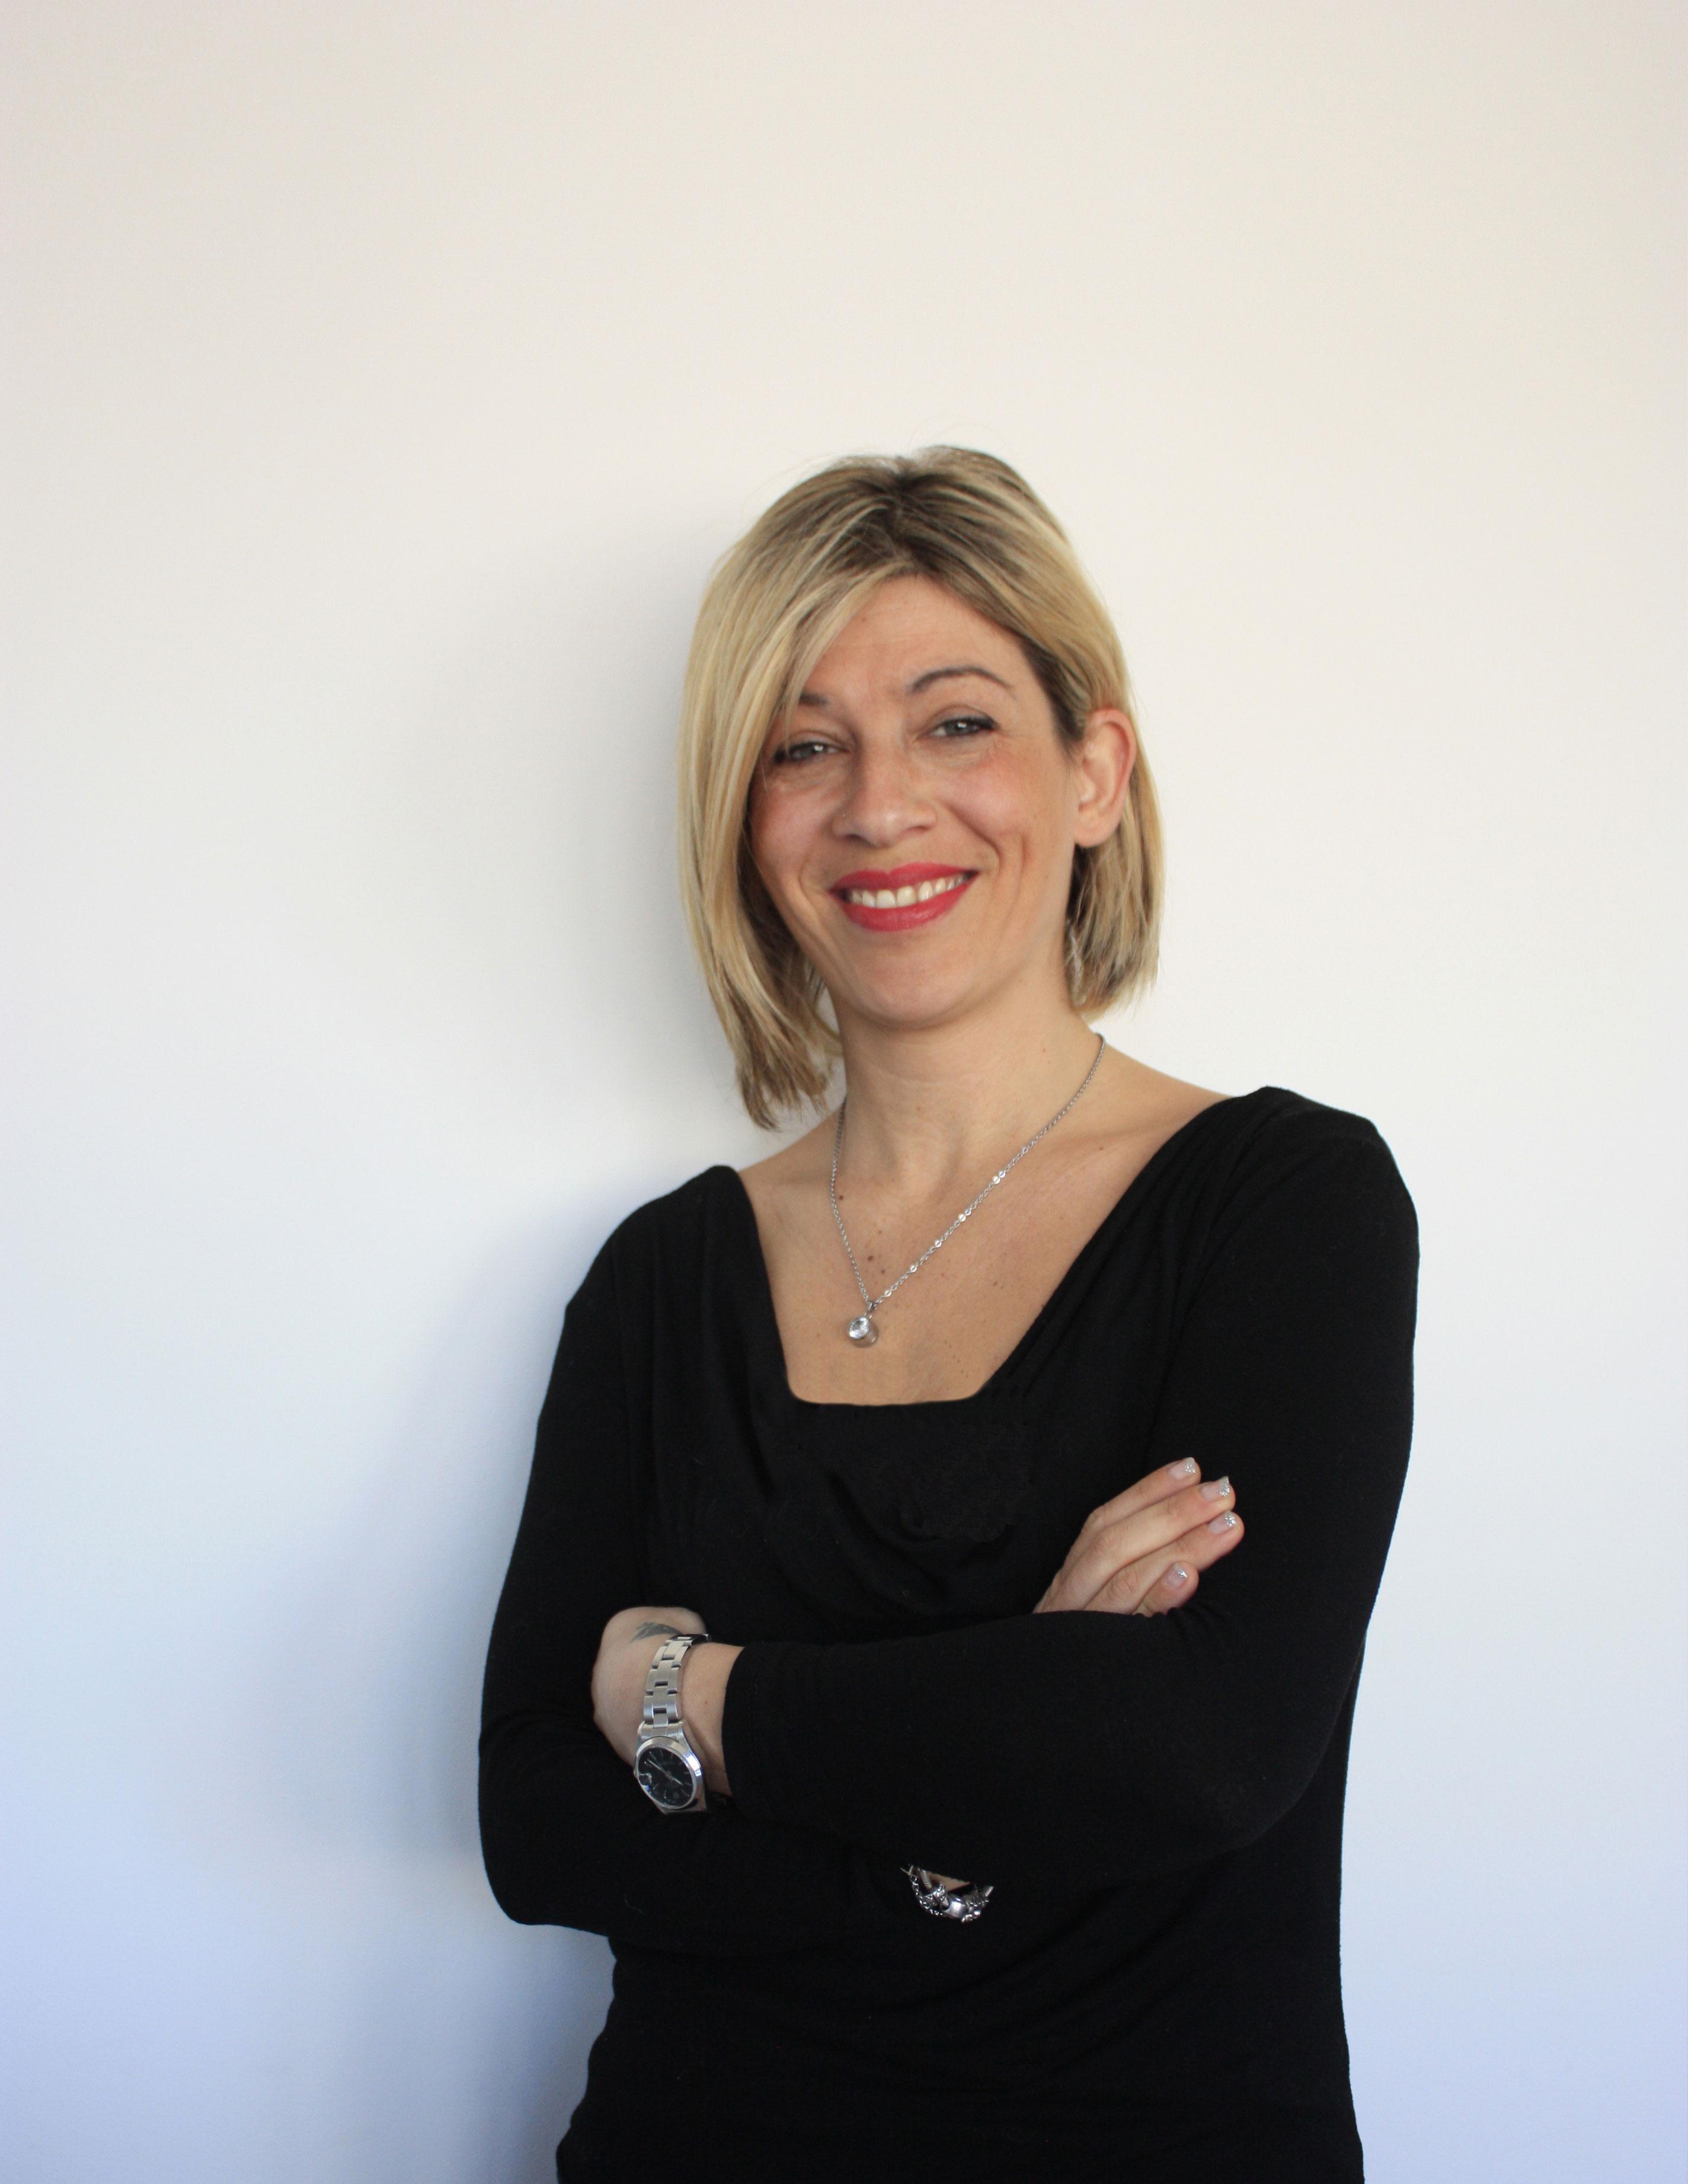 Ines Viola